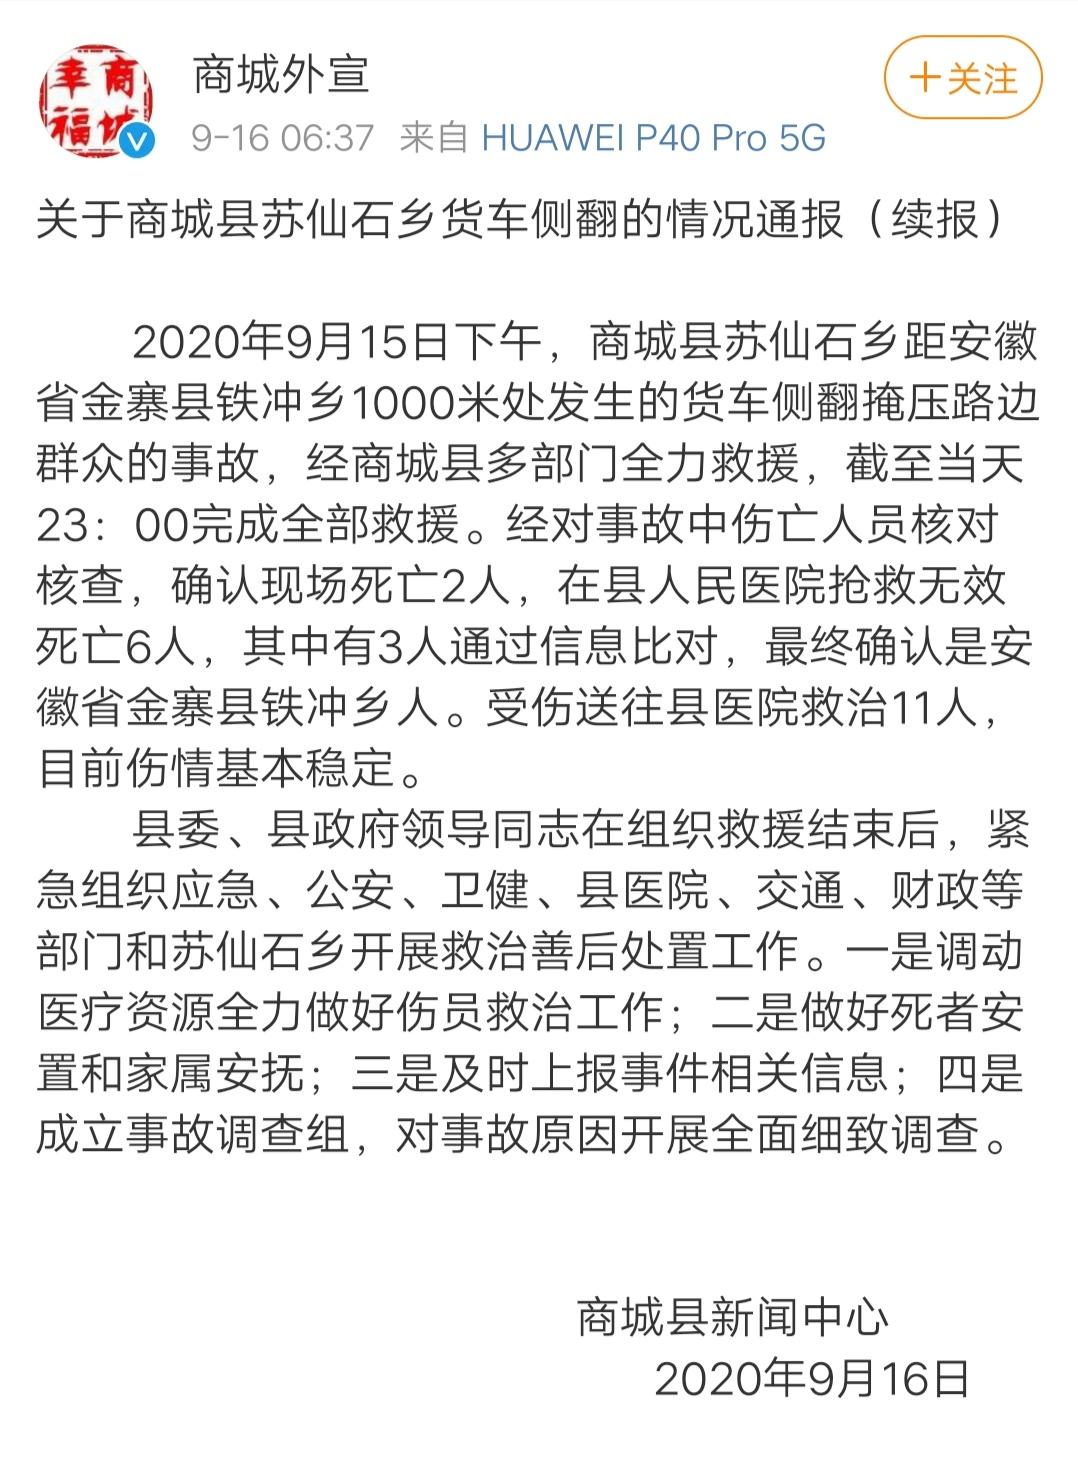 【后续】河南商城货车侧翻致8死11伤 伤员目前情况怎么样?